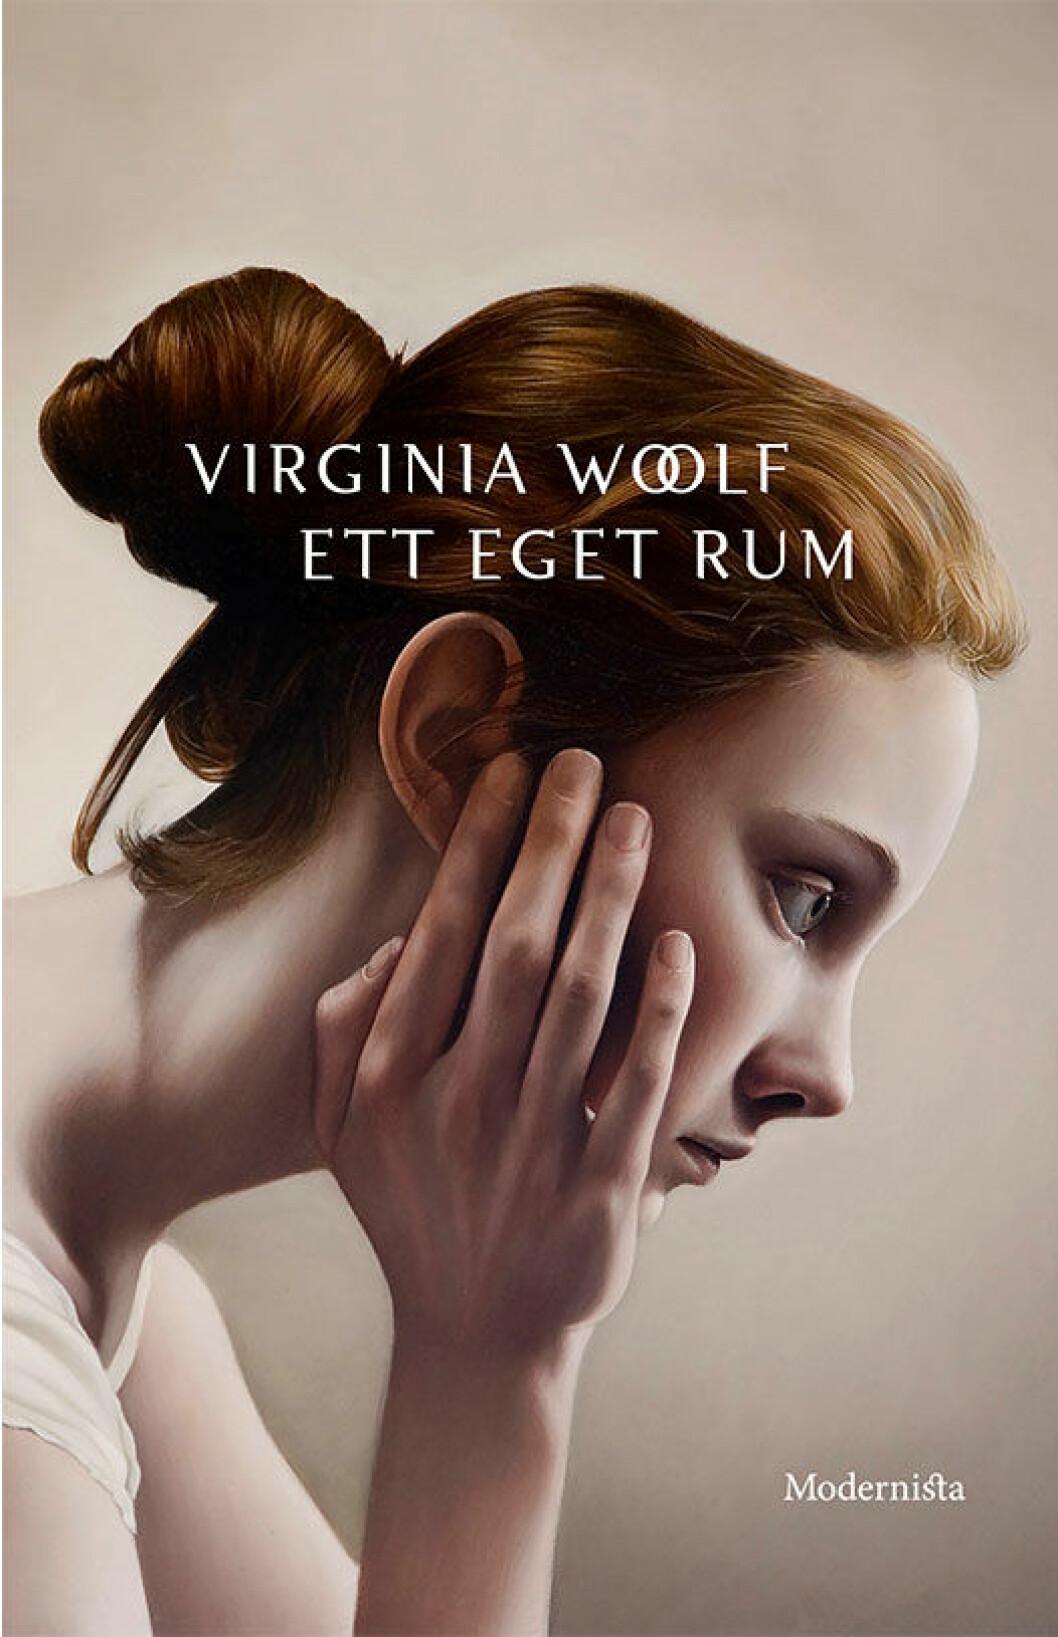 Ett eget rum av Virginia Woolf.